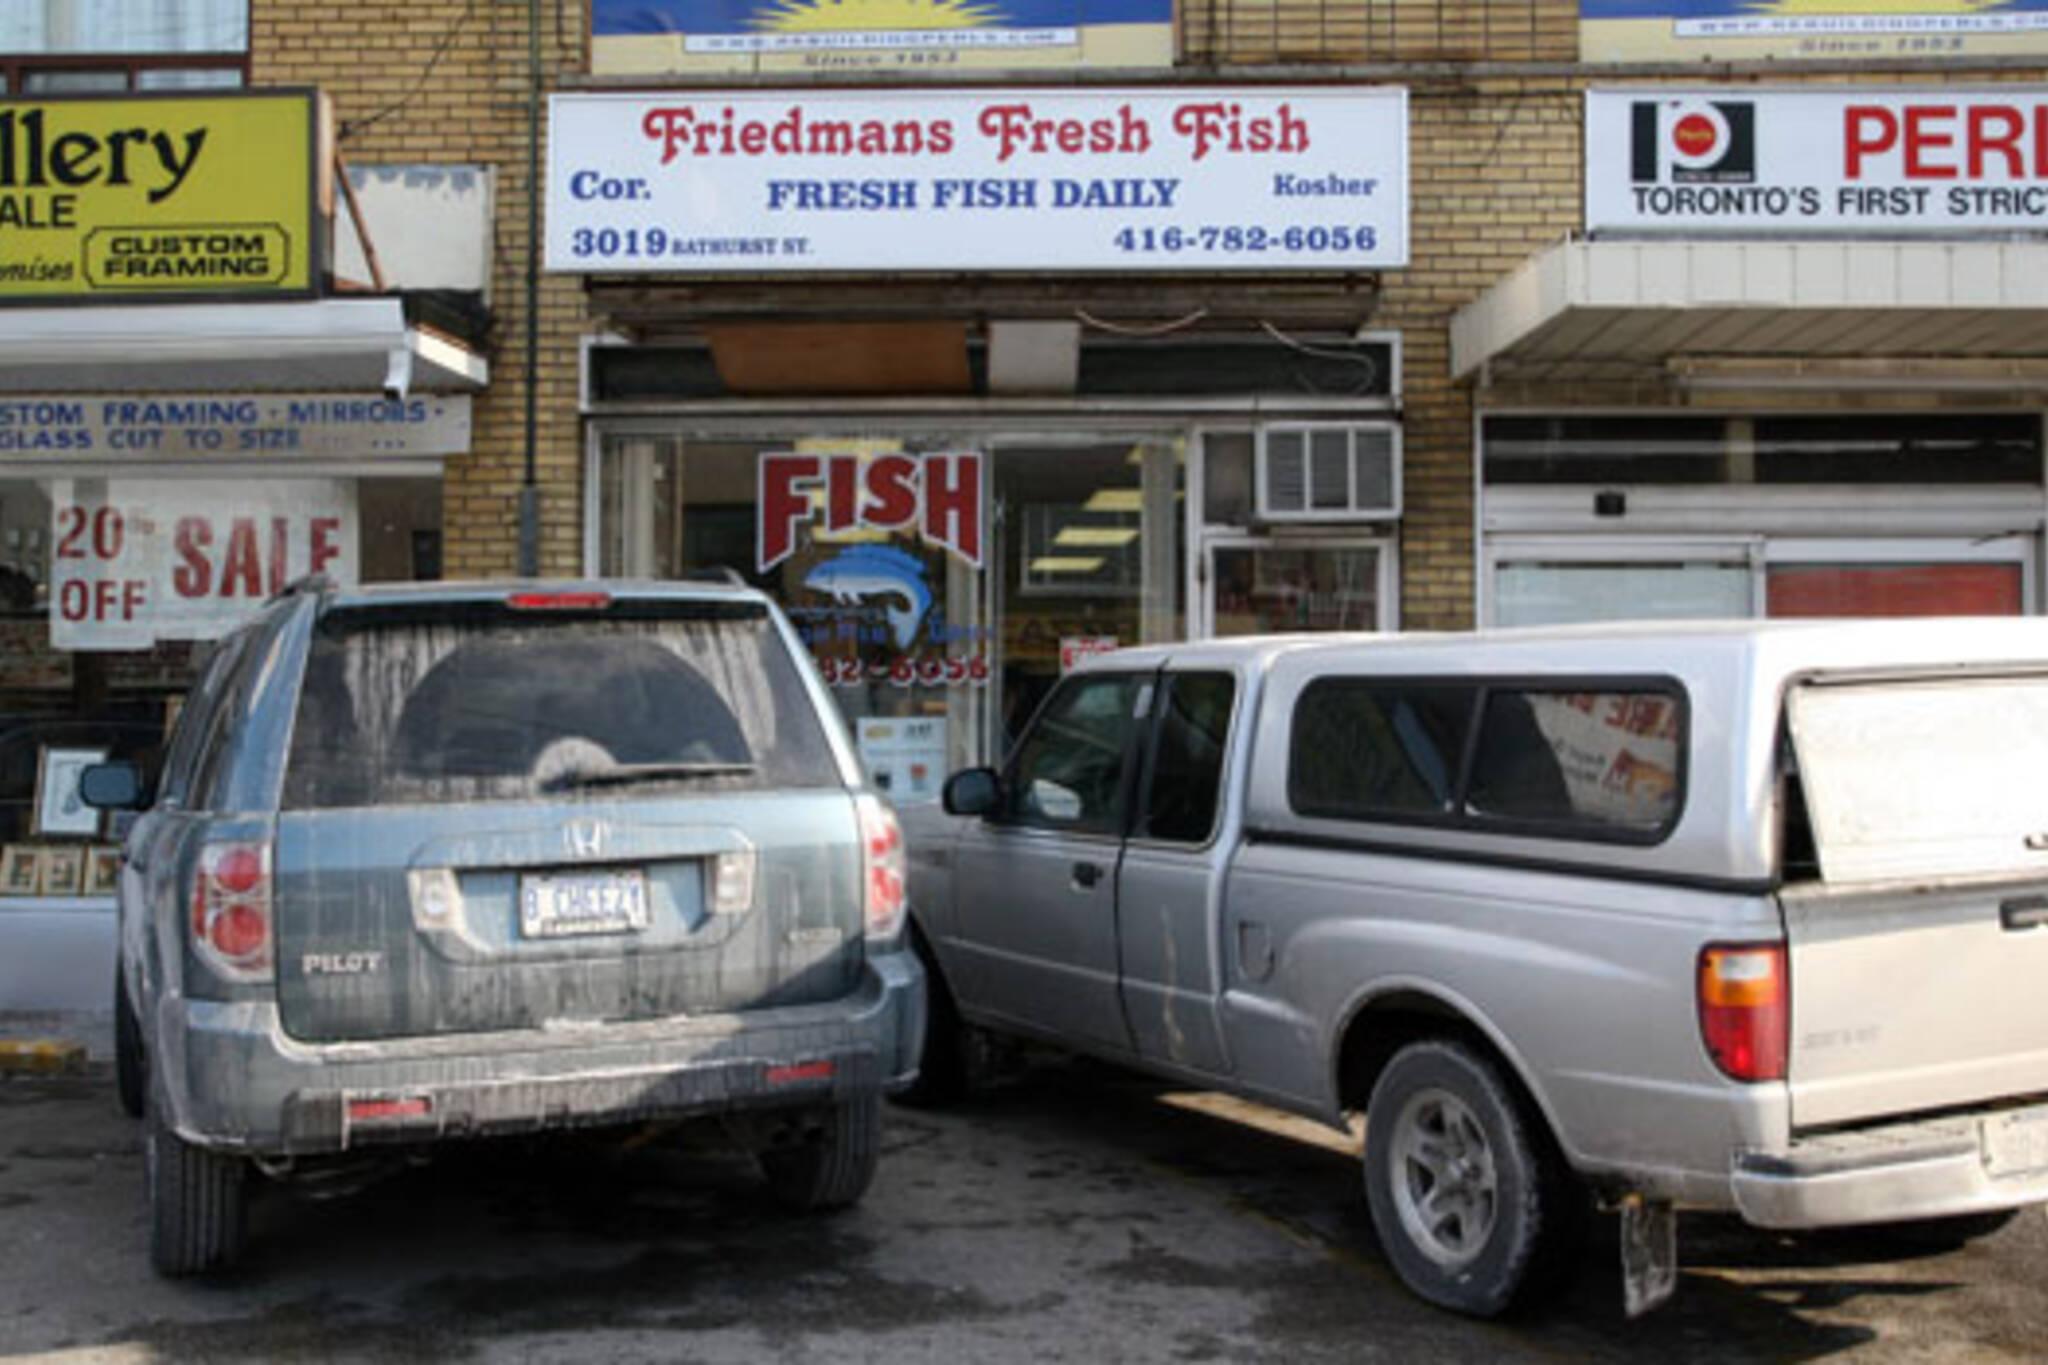 Friedmans Fresh Fish